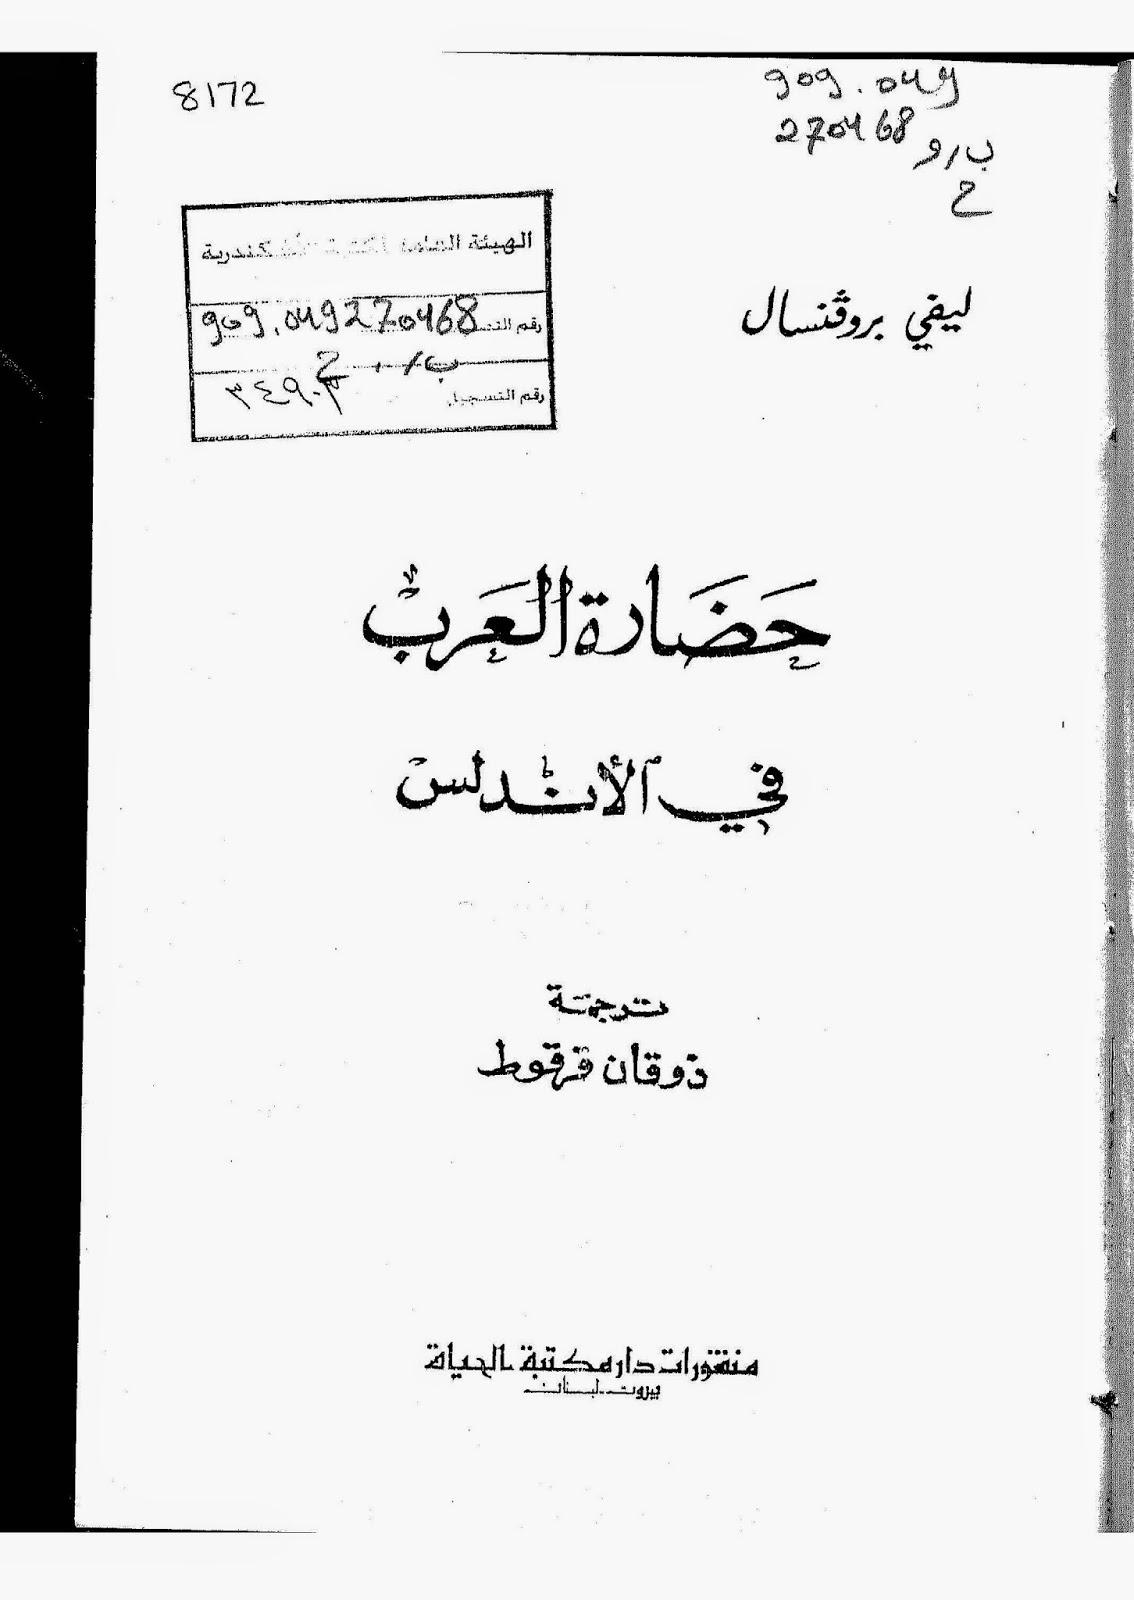 حضارة العرب في الأندلس لـ ليفي بروفنسال